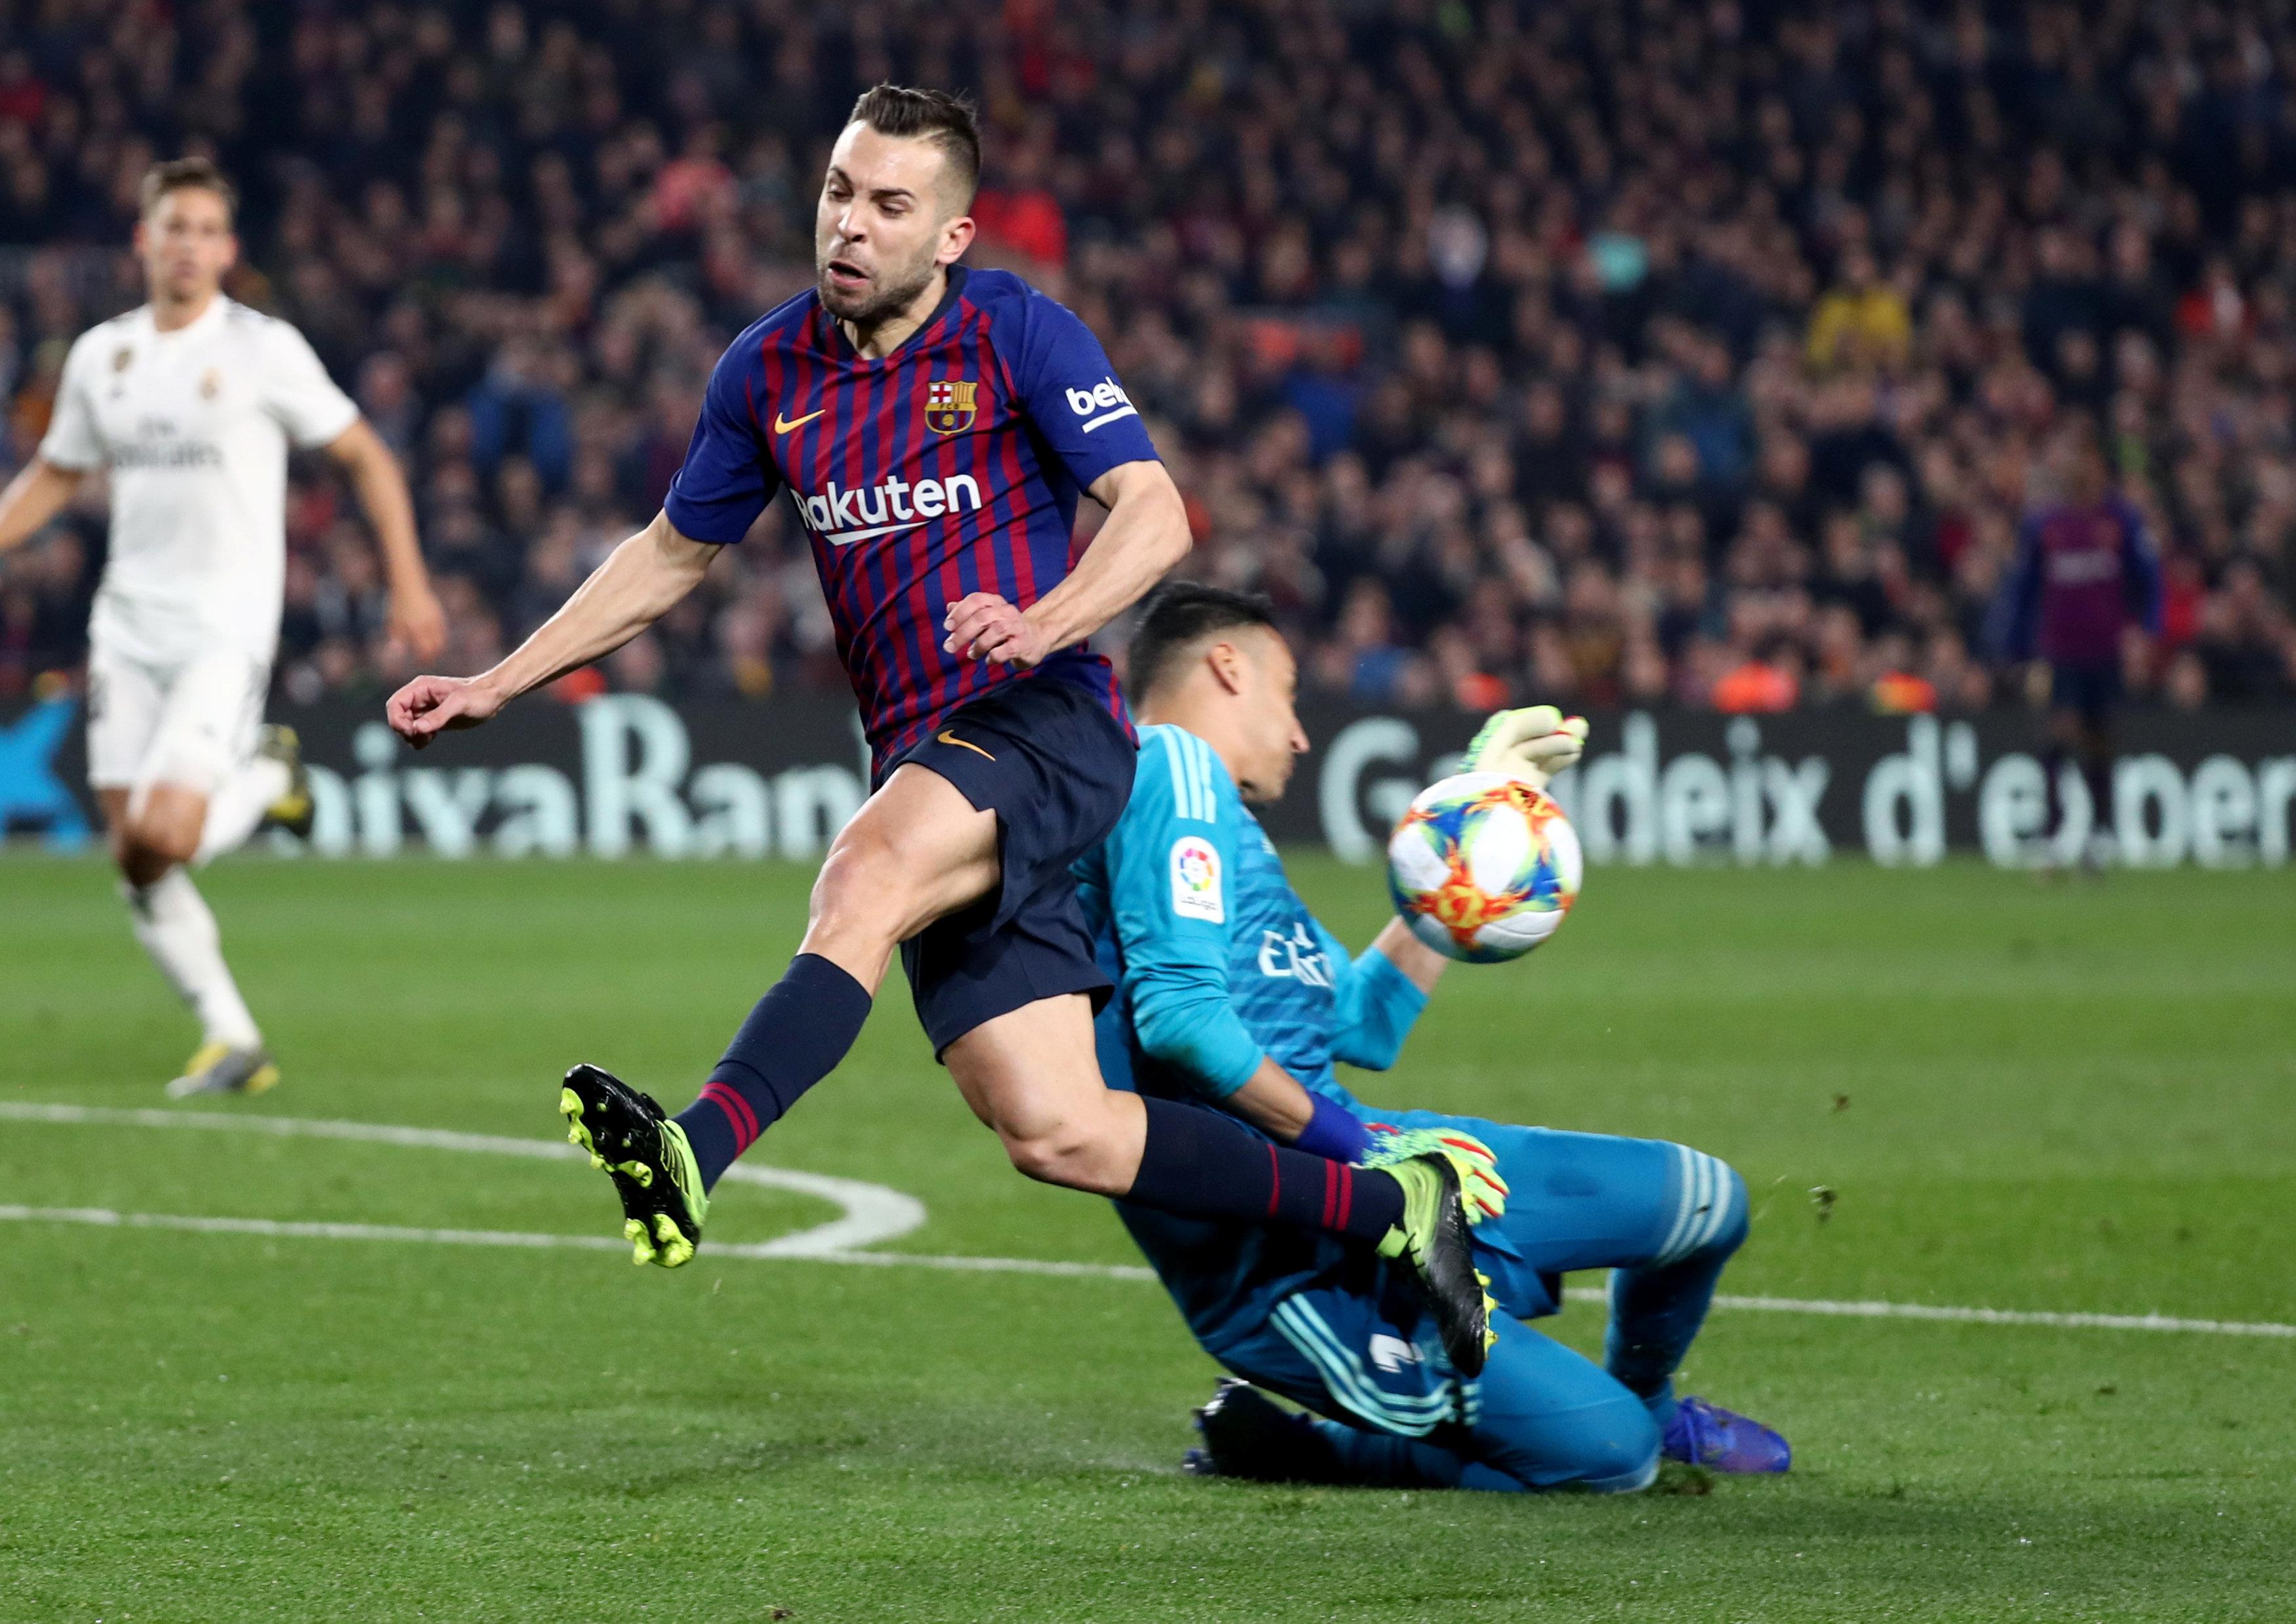 لحظة تسجيل هدف برشلونة